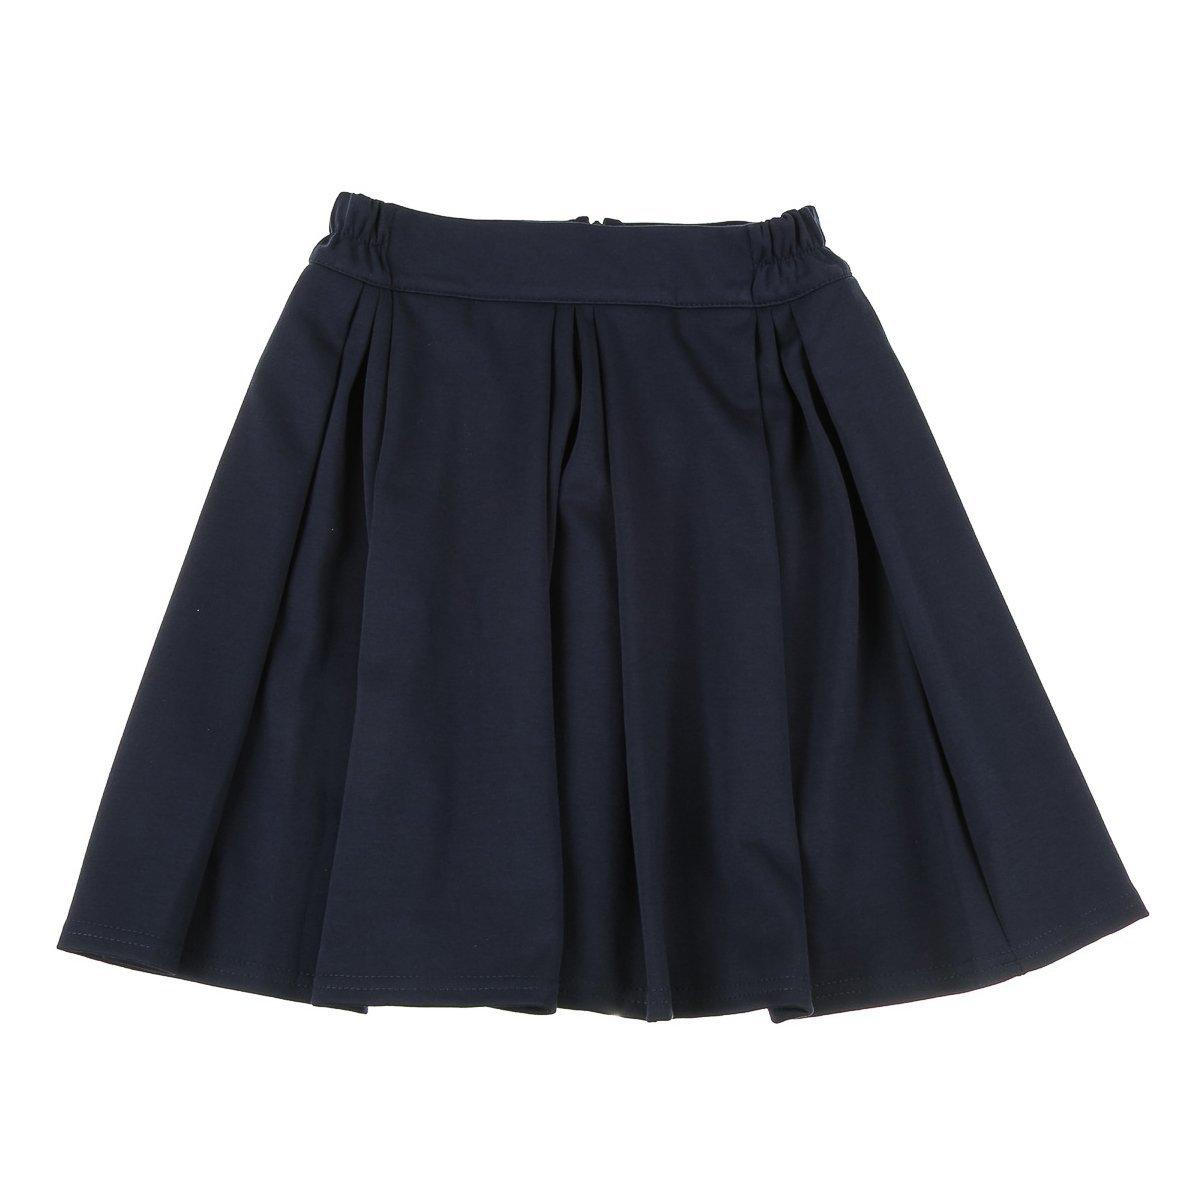 Купить Платья, сарафаны, юбки, Юбка Mevis Girlie темно-синяя, р. 134 1989-01 ТМ: Mevis, синий